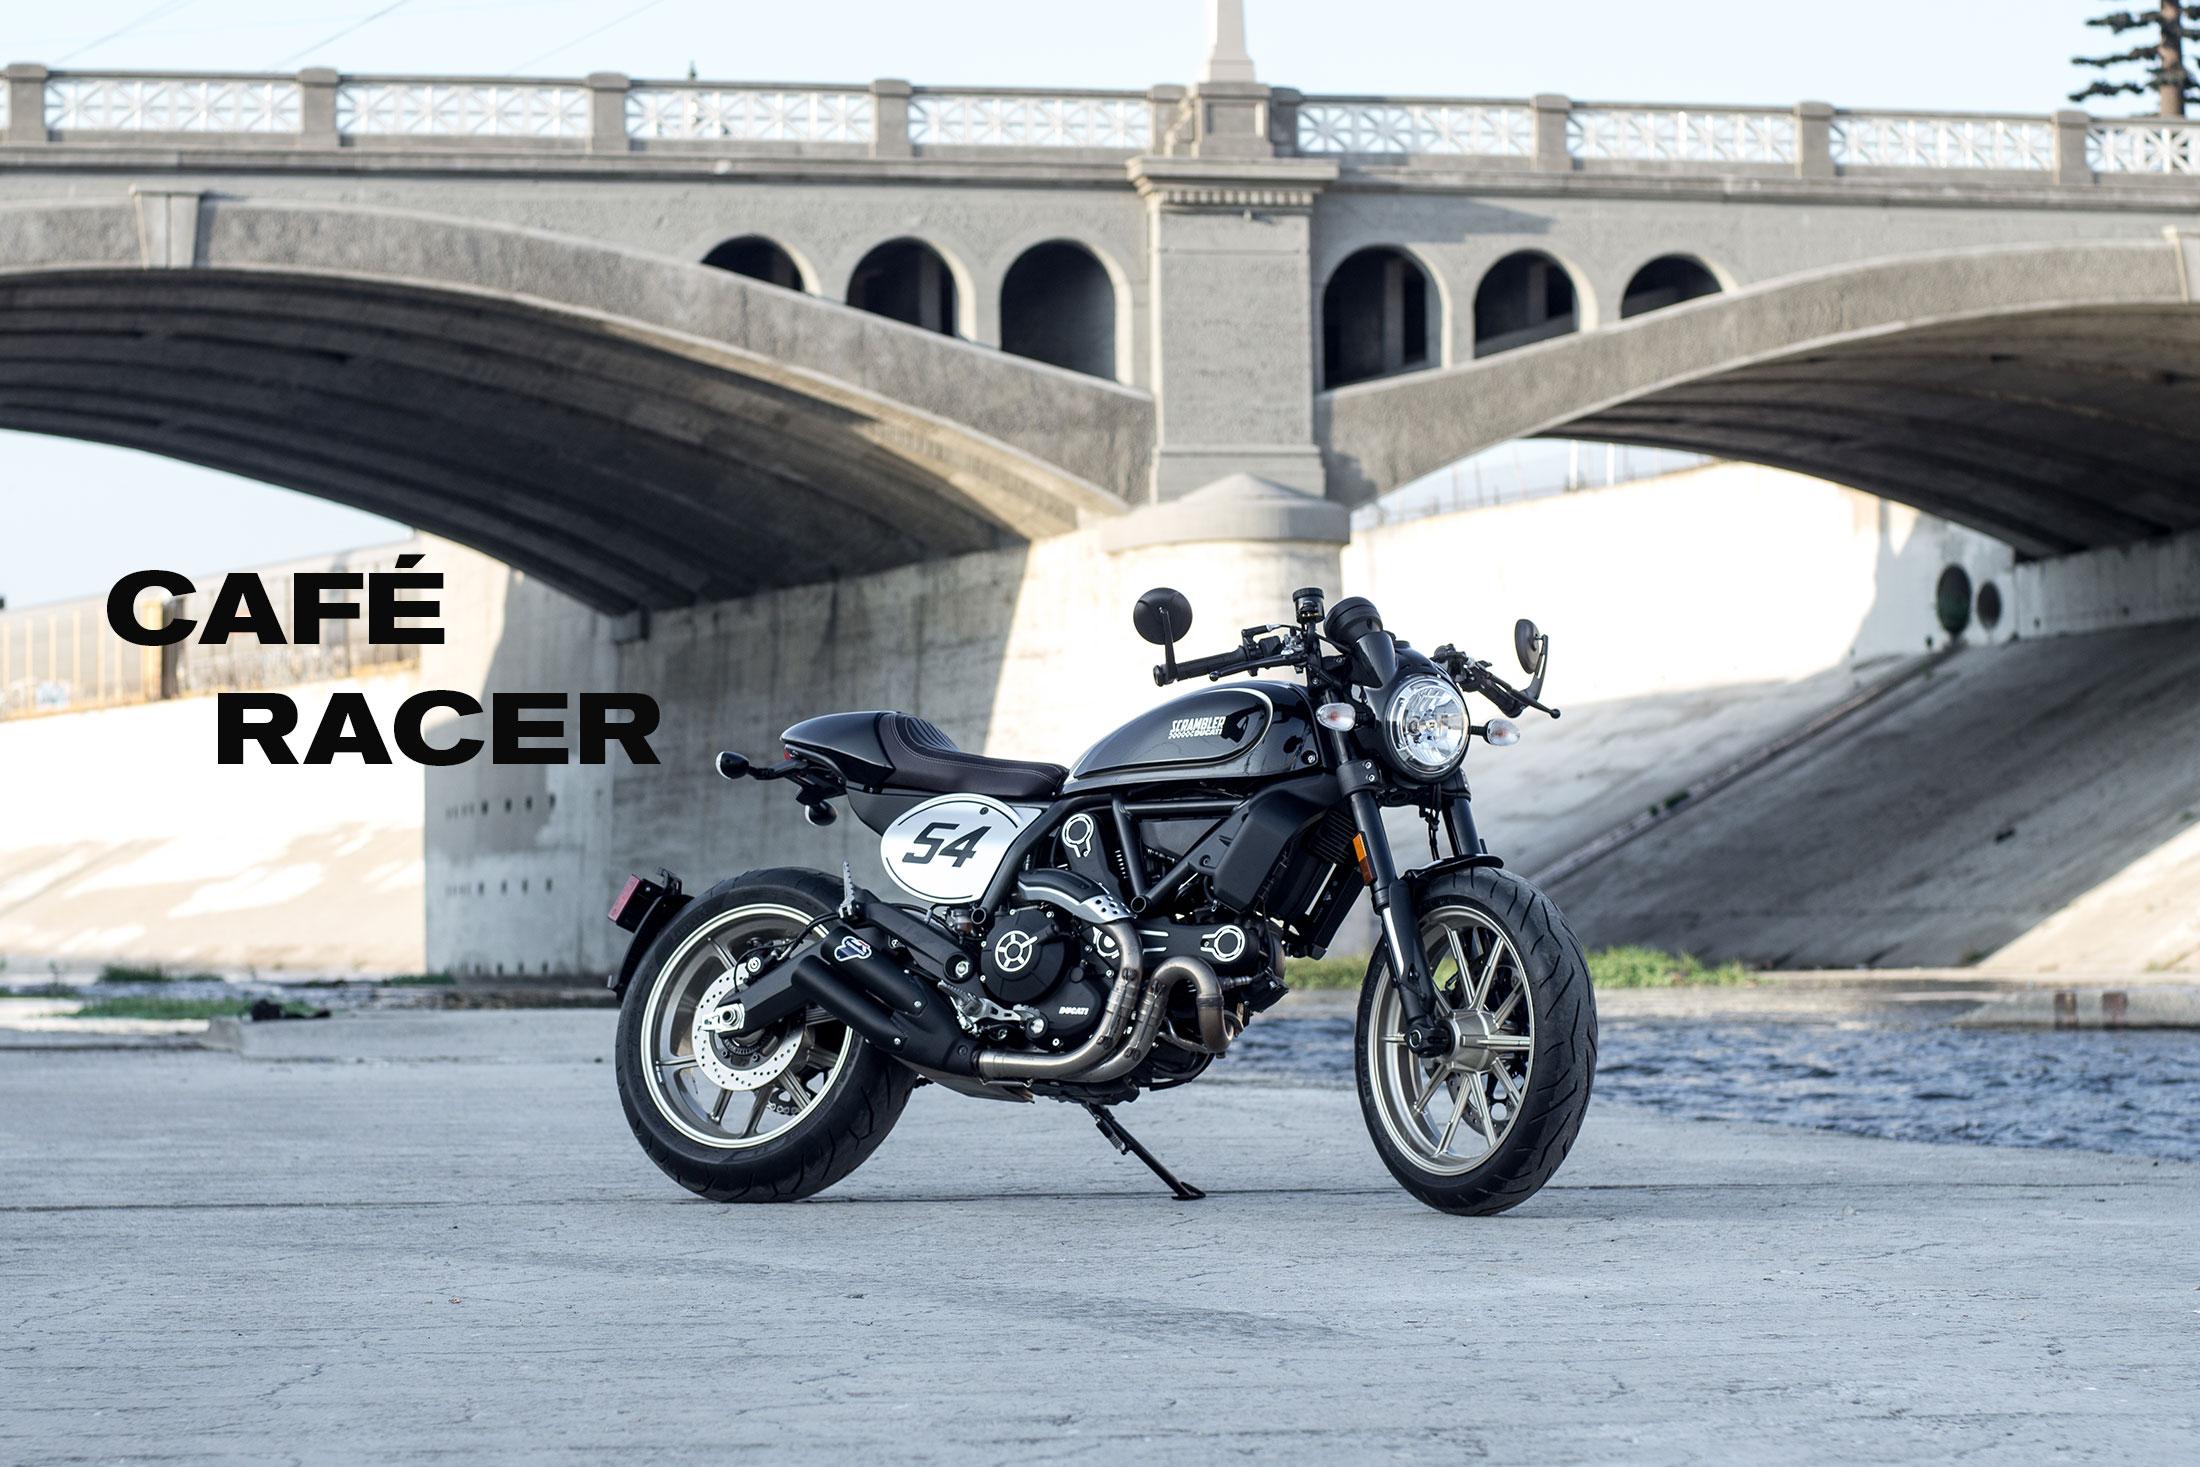 cafe-racer-header